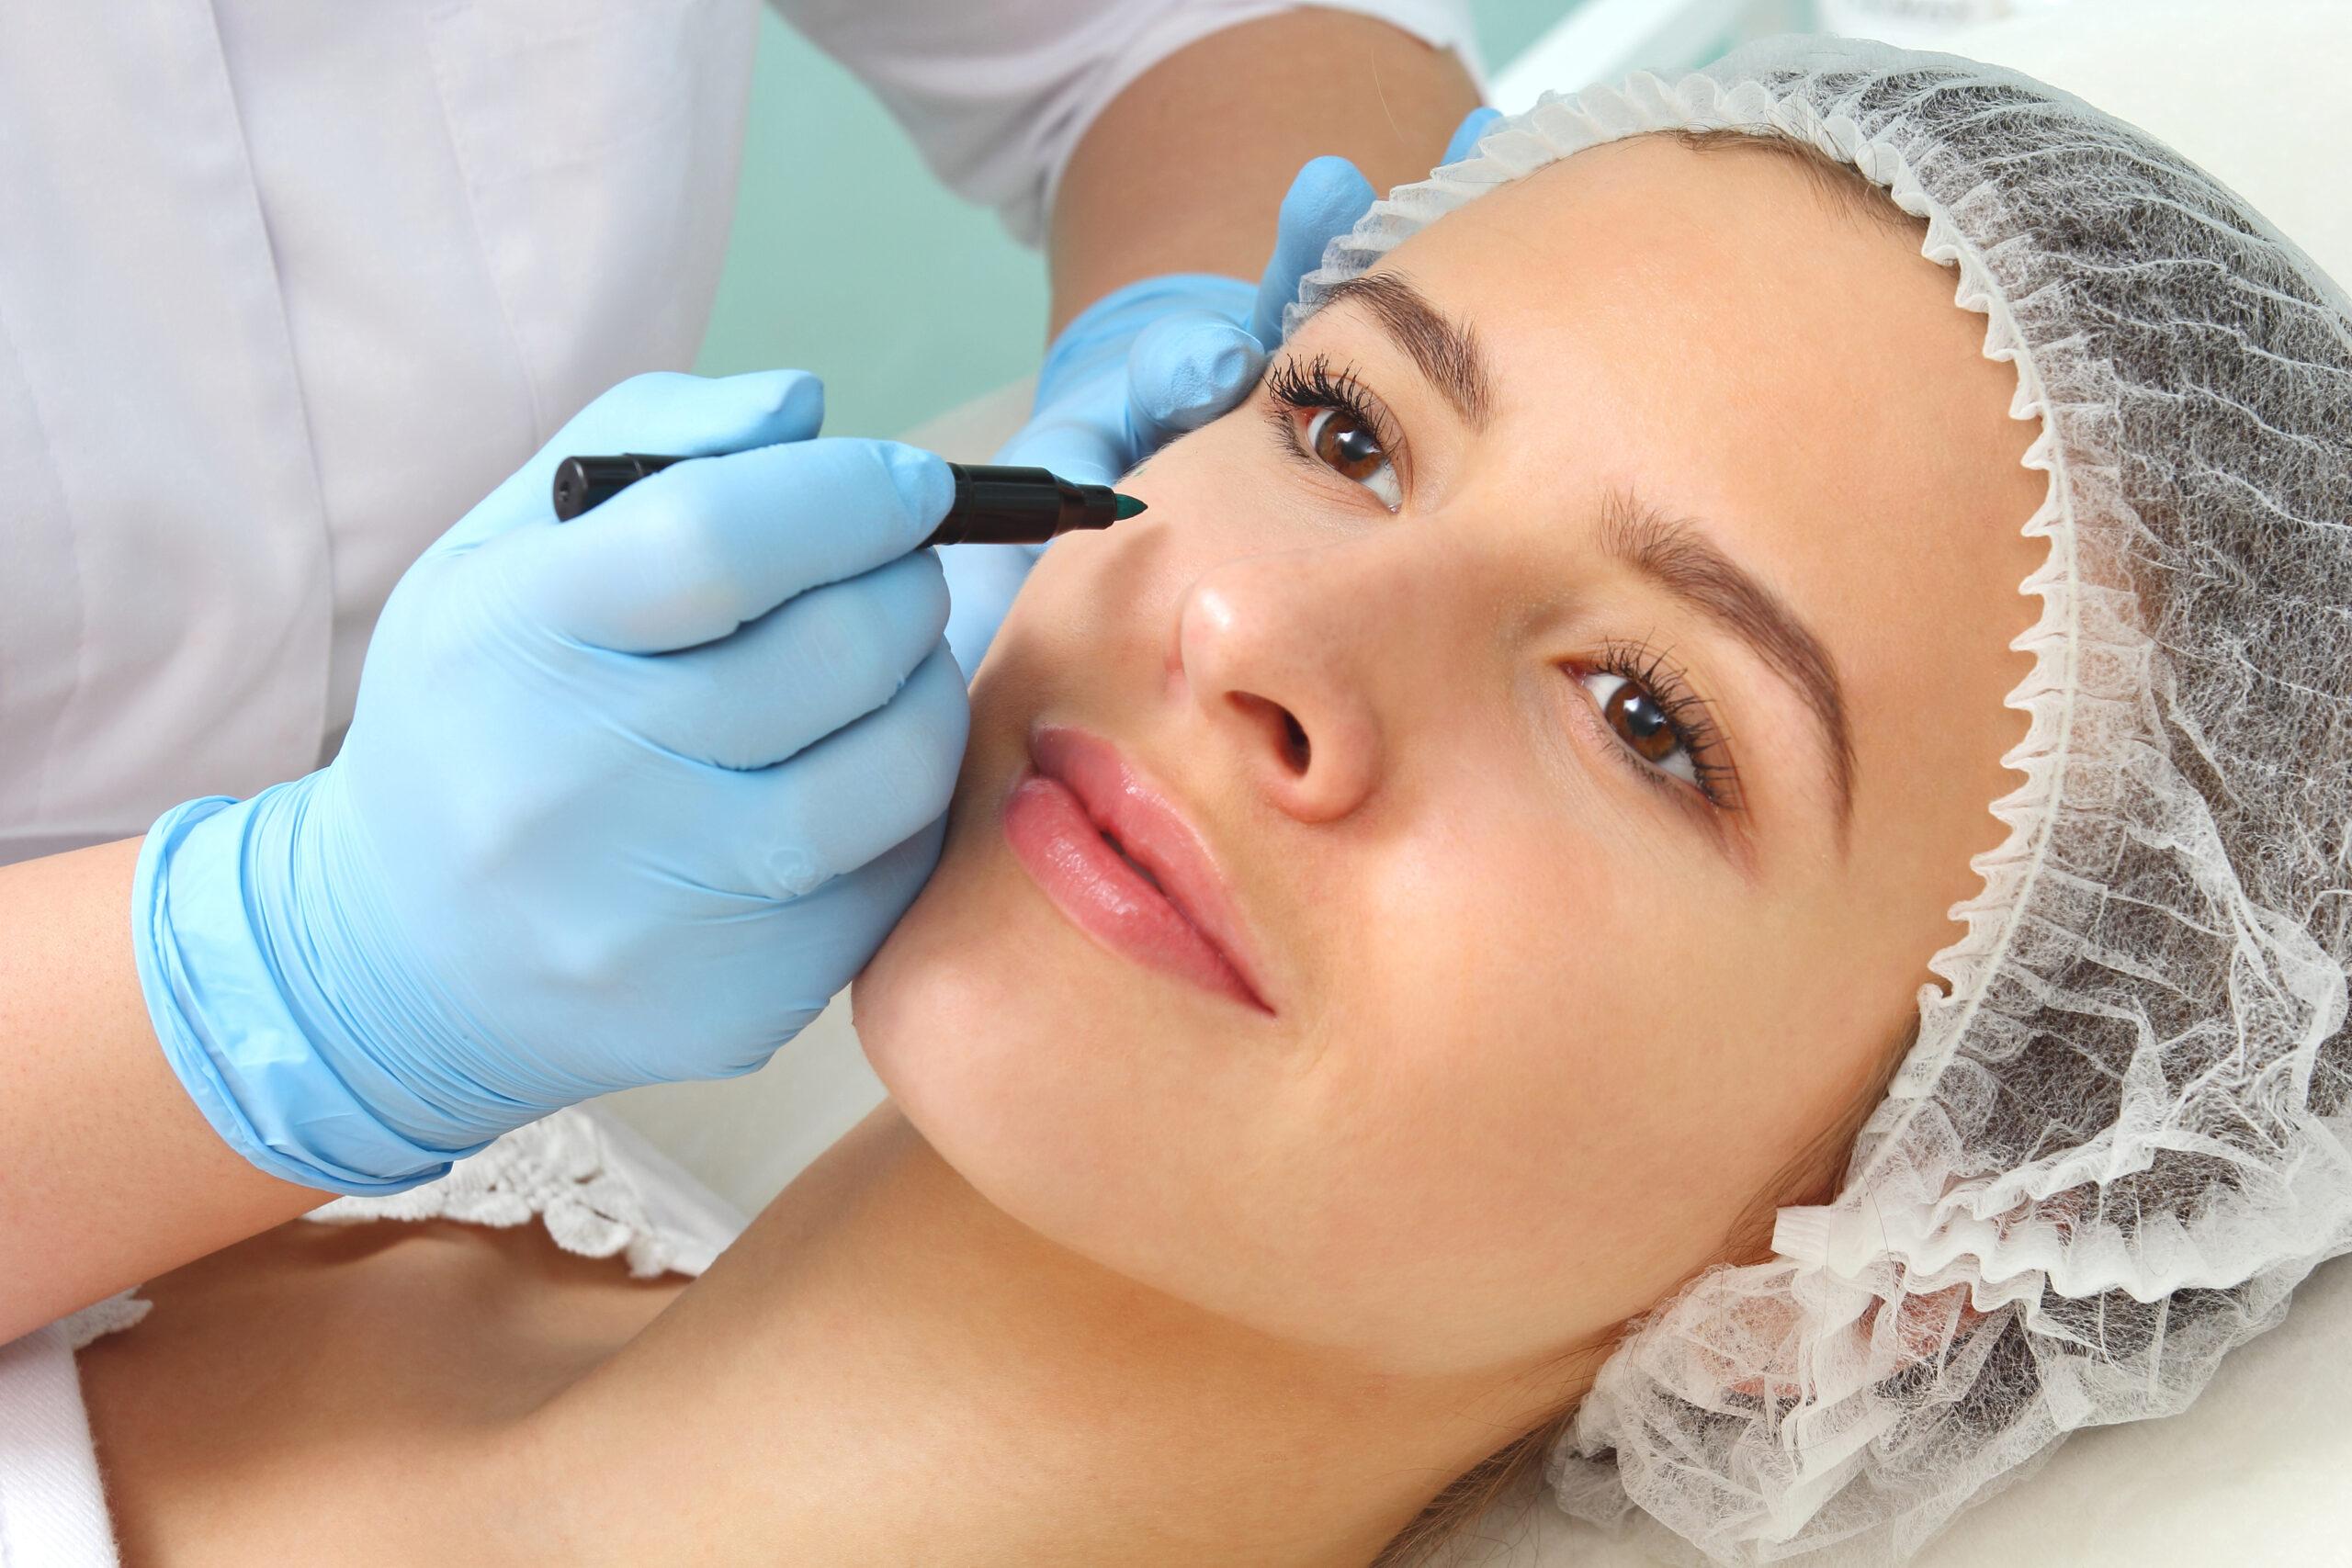 non-surgical alternative to blepharoplasty, female model